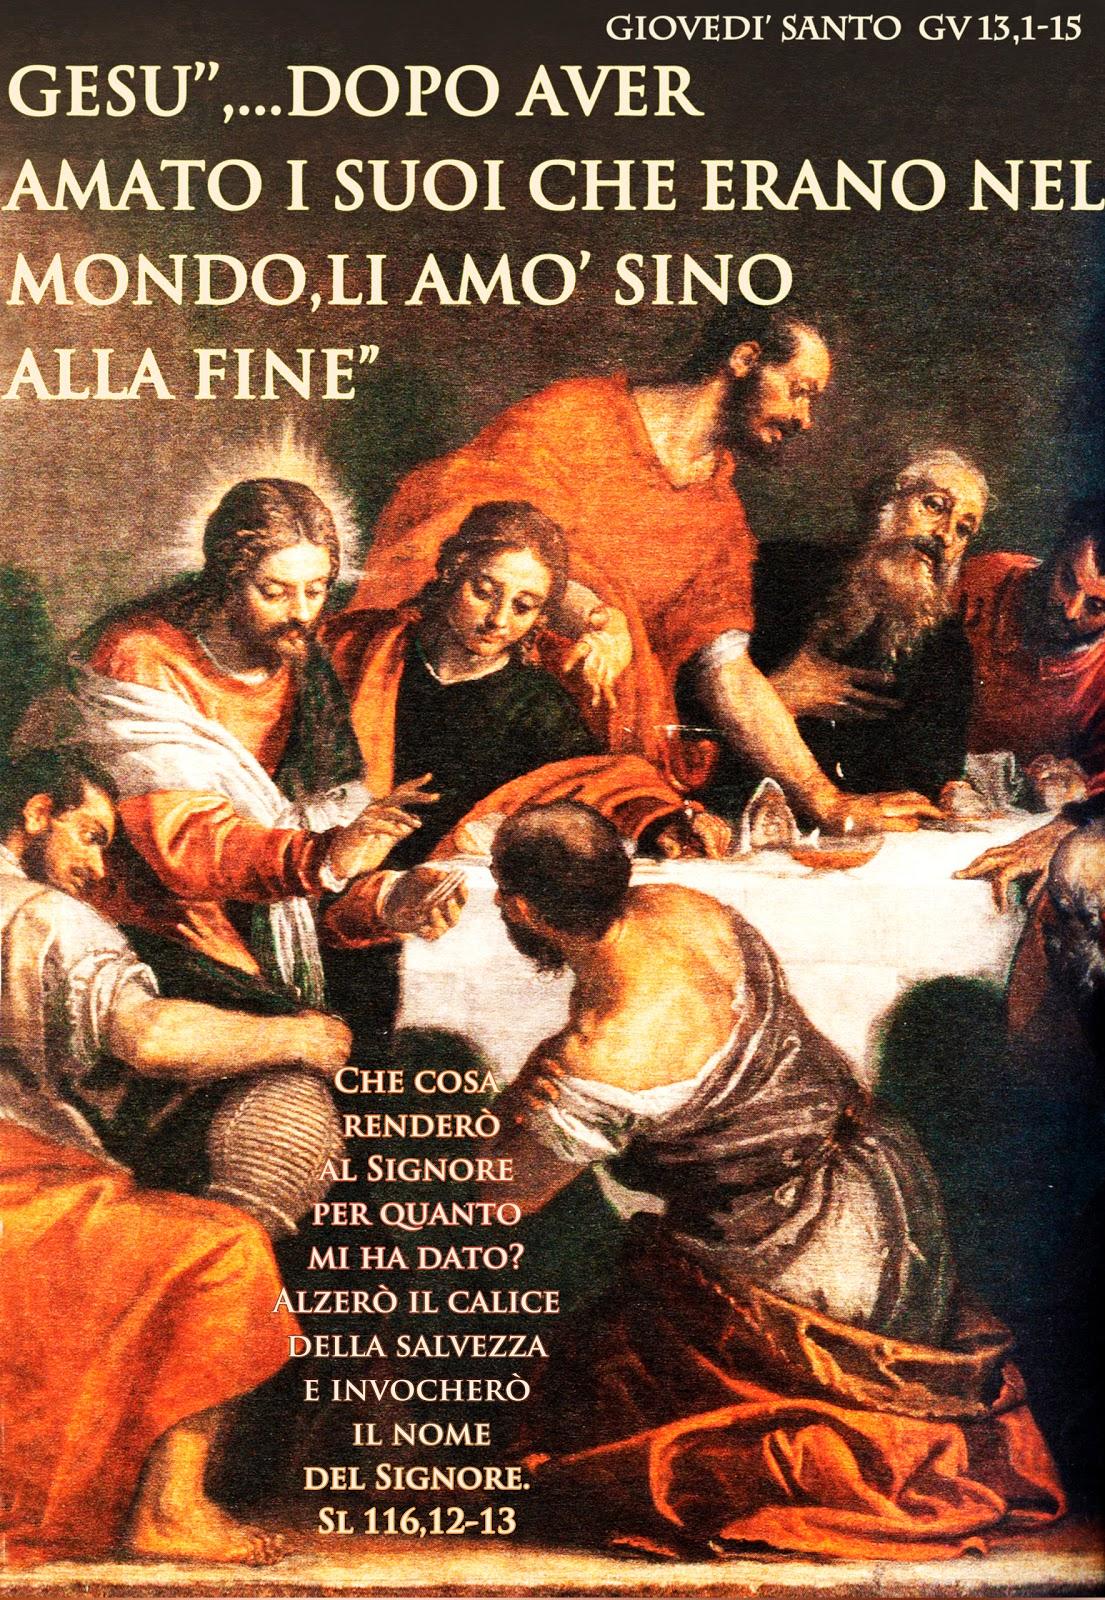 PAROLA Anno Liturgico C: GIOVEDI' SANTO